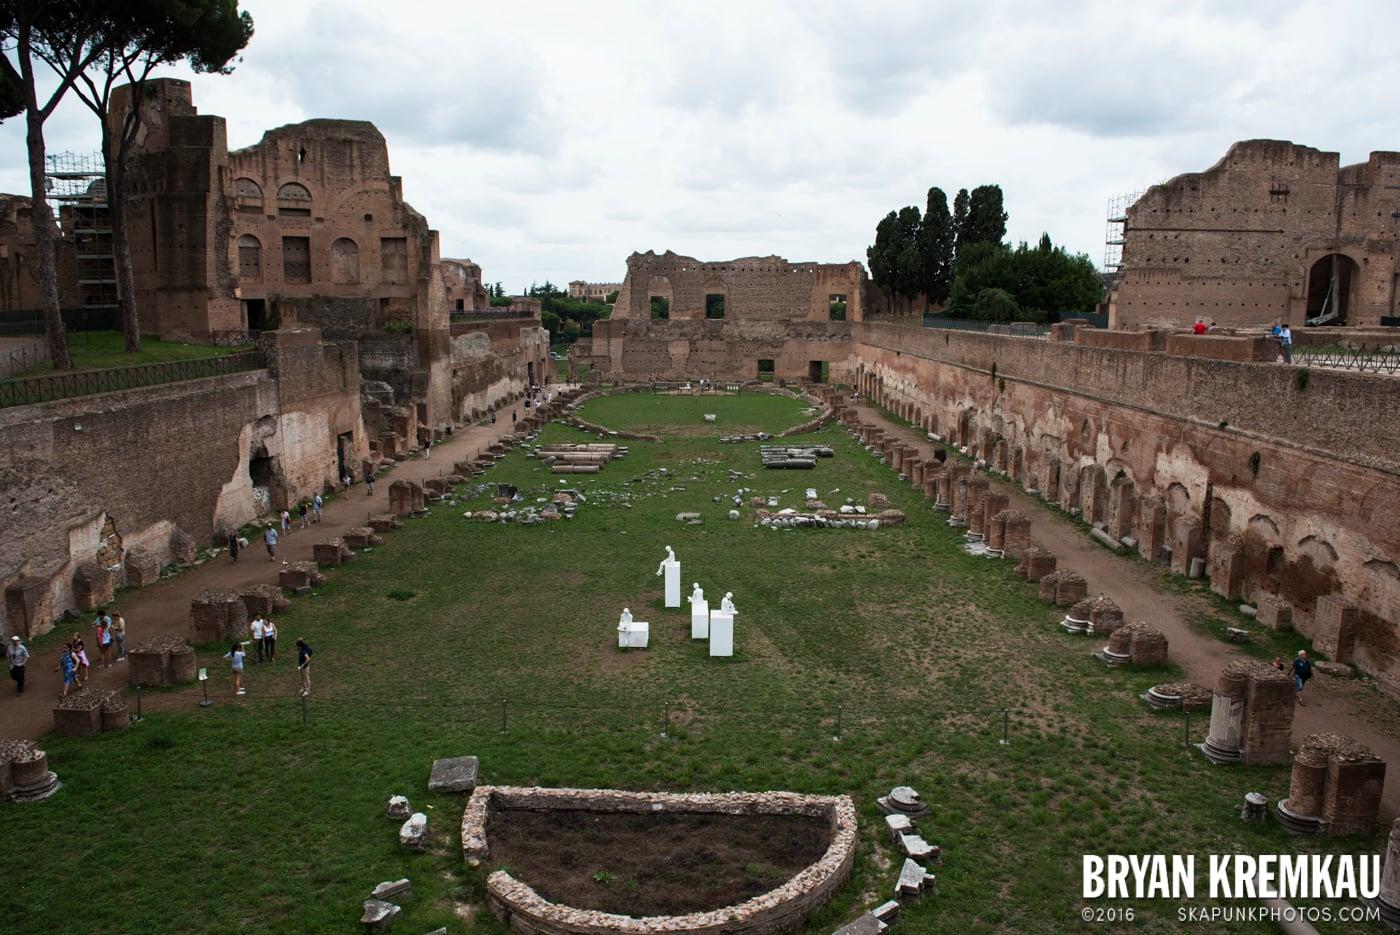 Italy Vacation - Day 2: Rome - 9.10.13 (82)